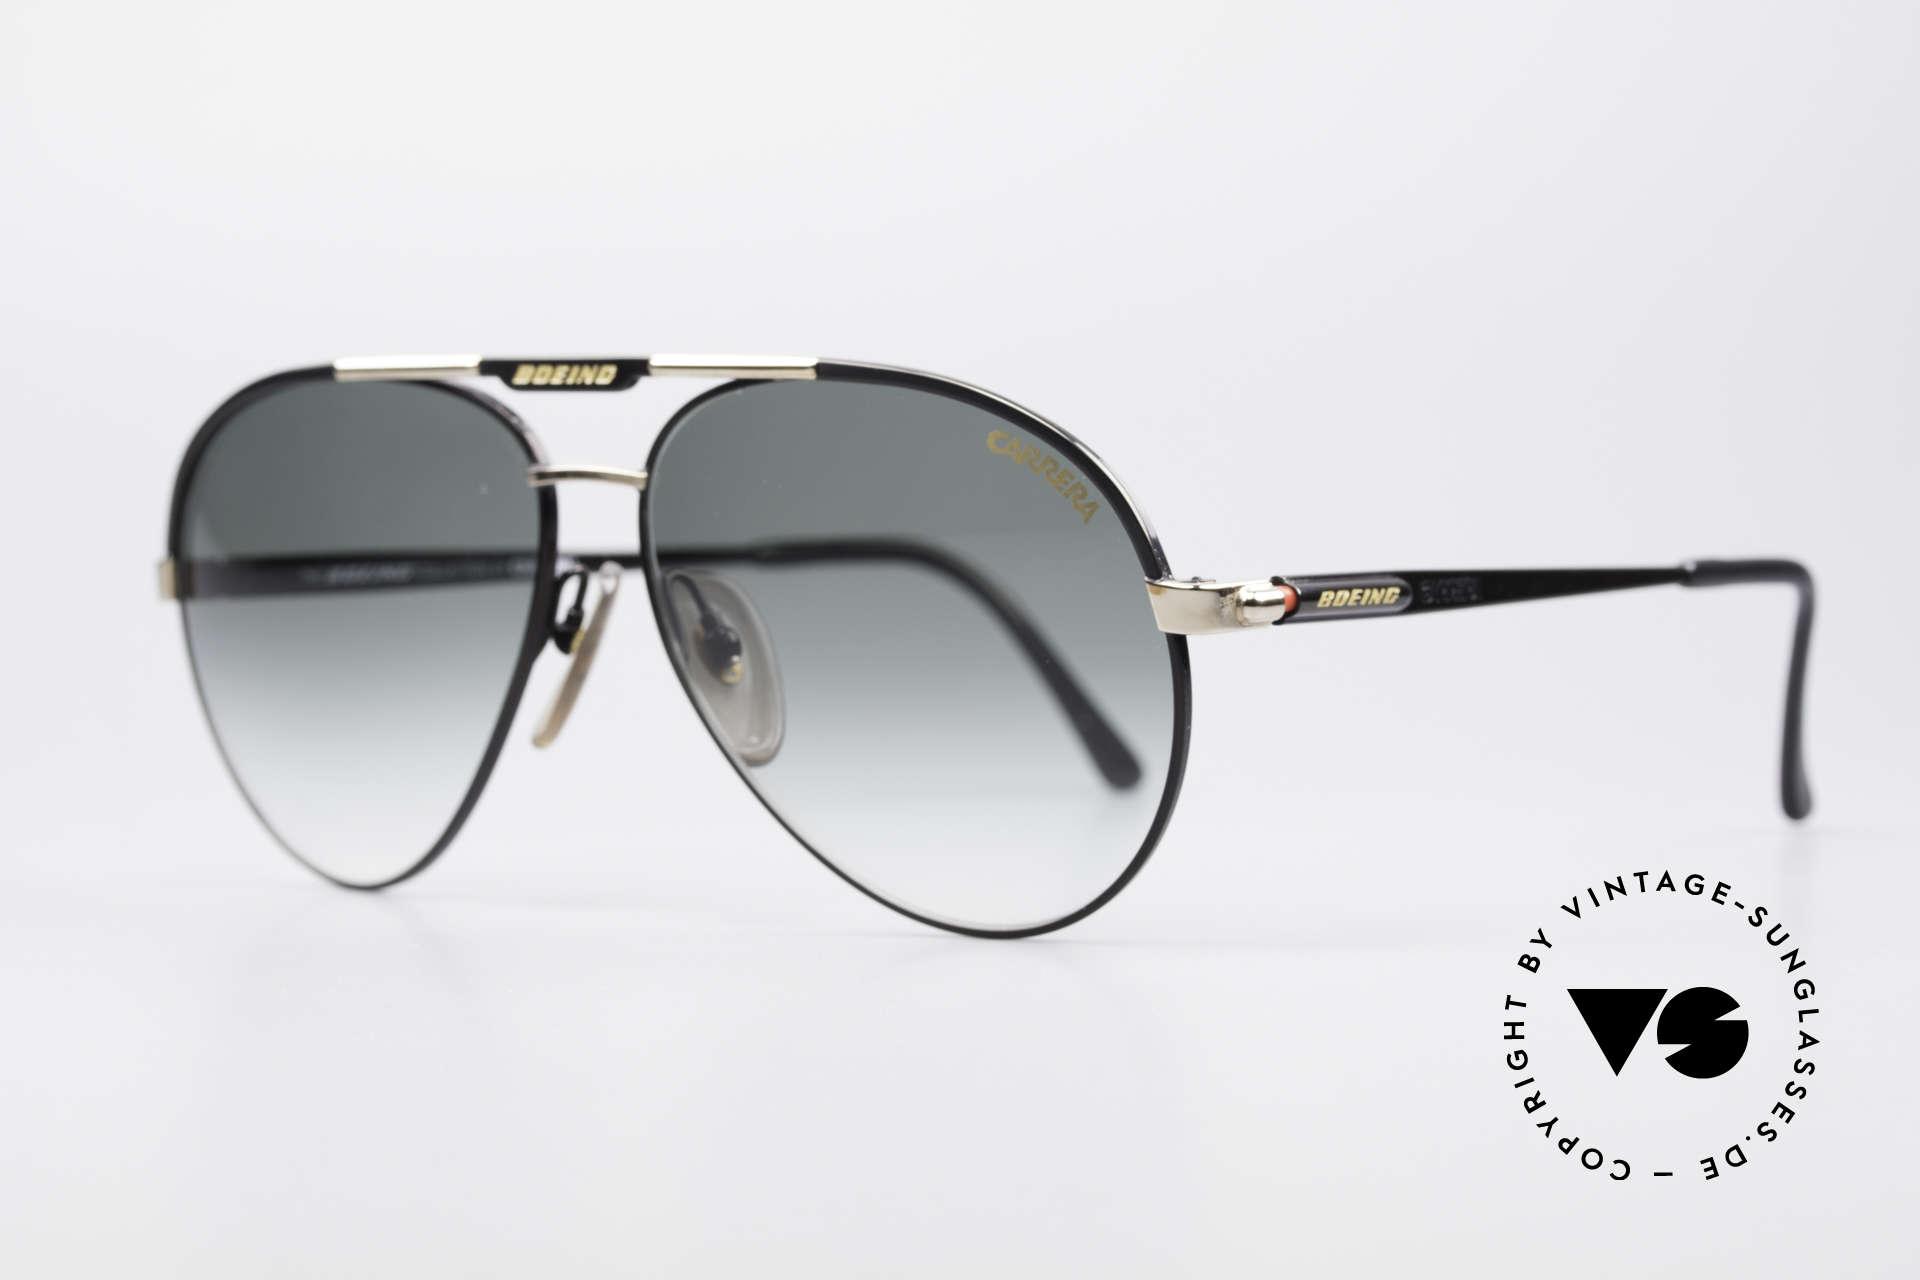 Boeing 5733 Rare 80er Pilotensonnenbrille, Ende der 80er extra für die Boeing-Piloten produziert, Passend für Herren und Damen